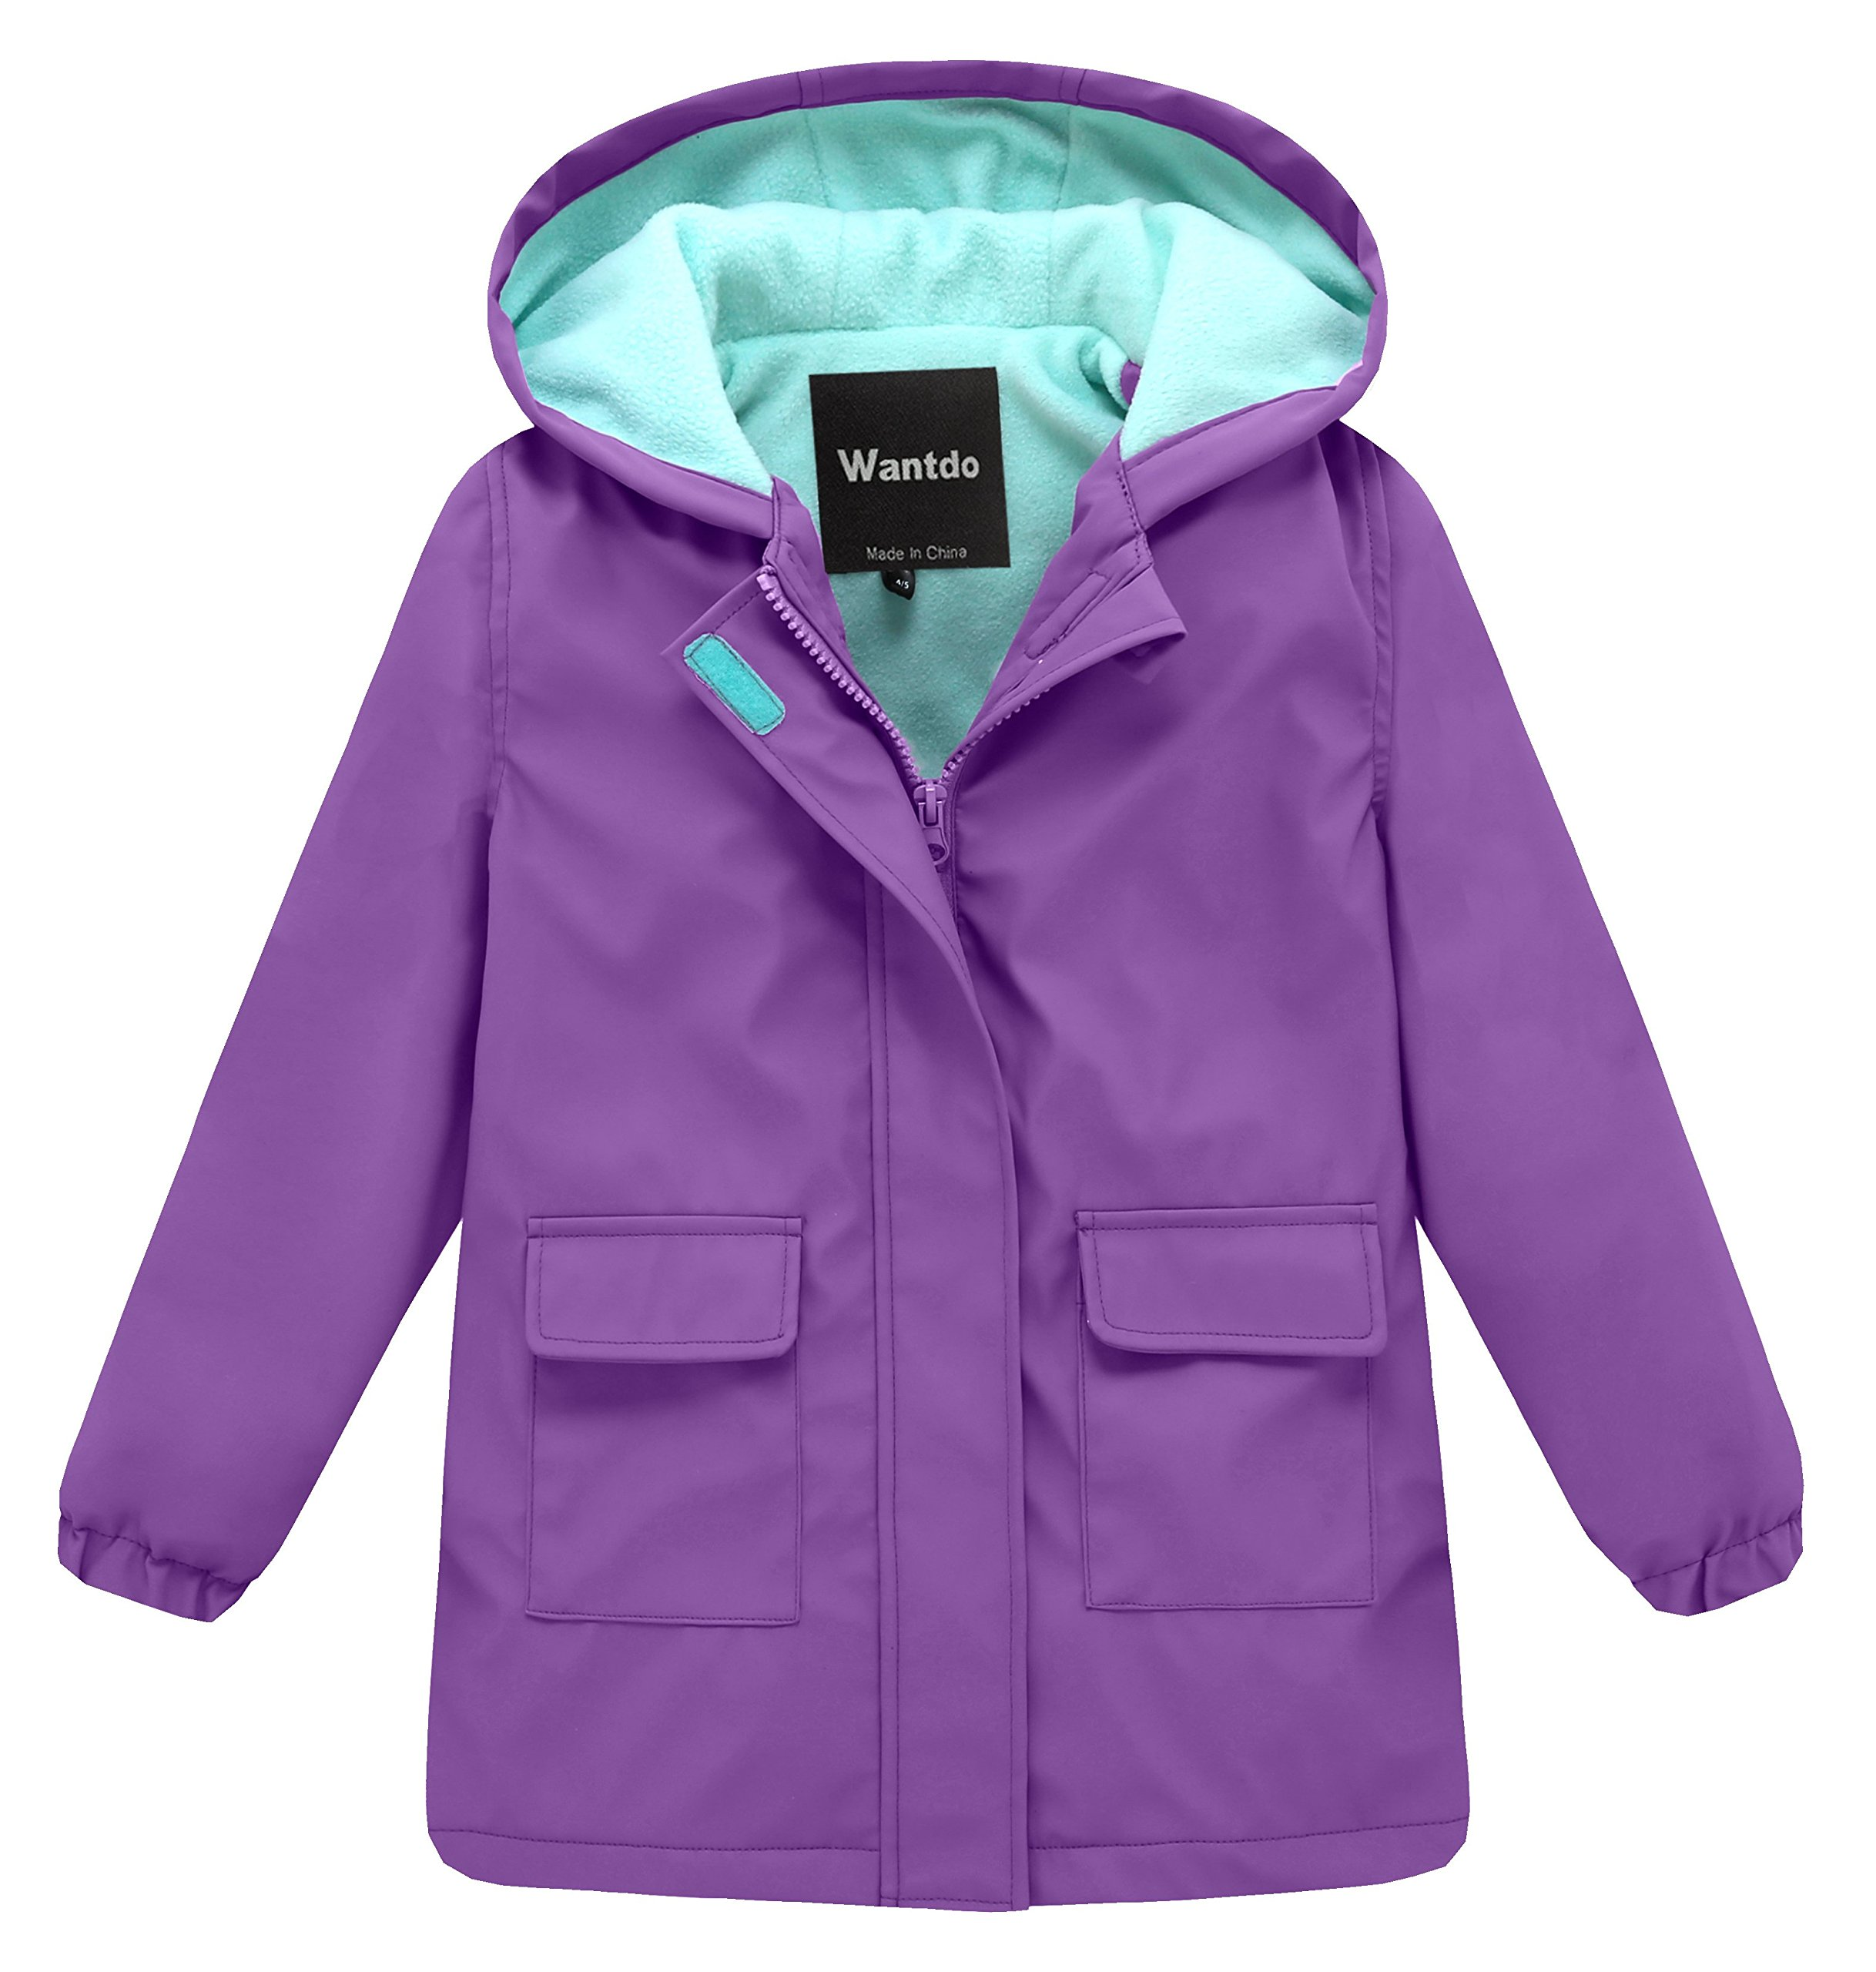 Wantdo Girl's and Boy's Hooded Rain Jacket Waterproof Fleece Lined Windbreaker(Purple, 7-8Y)